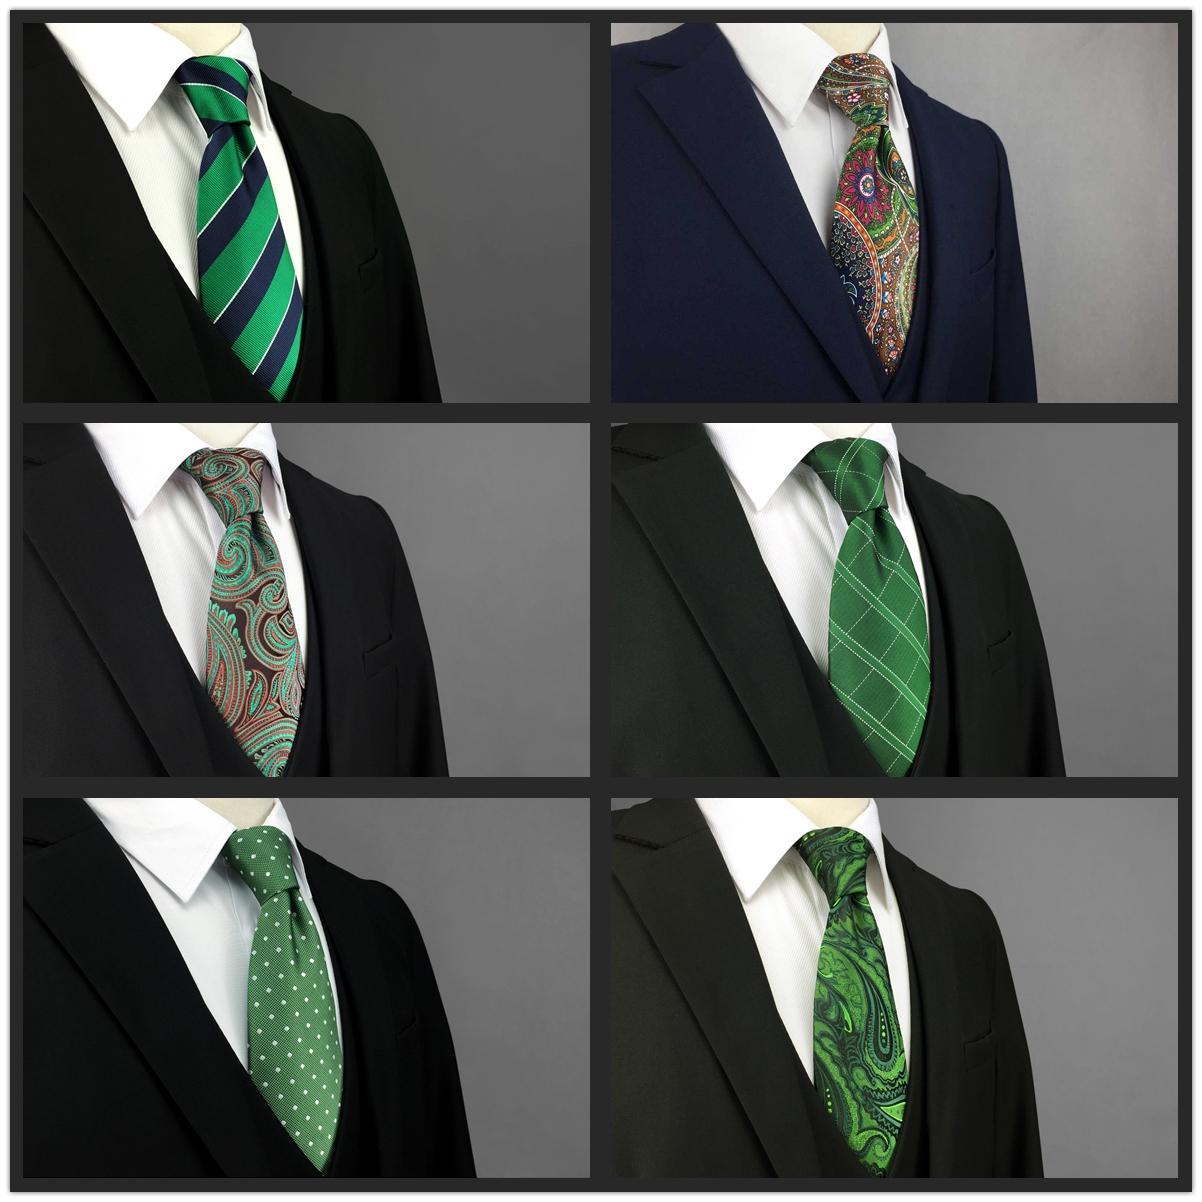 Зеленые проверки шелковые мужские галстуки галстуки классические модные платья свадебные связи для мужчин удивительный размер